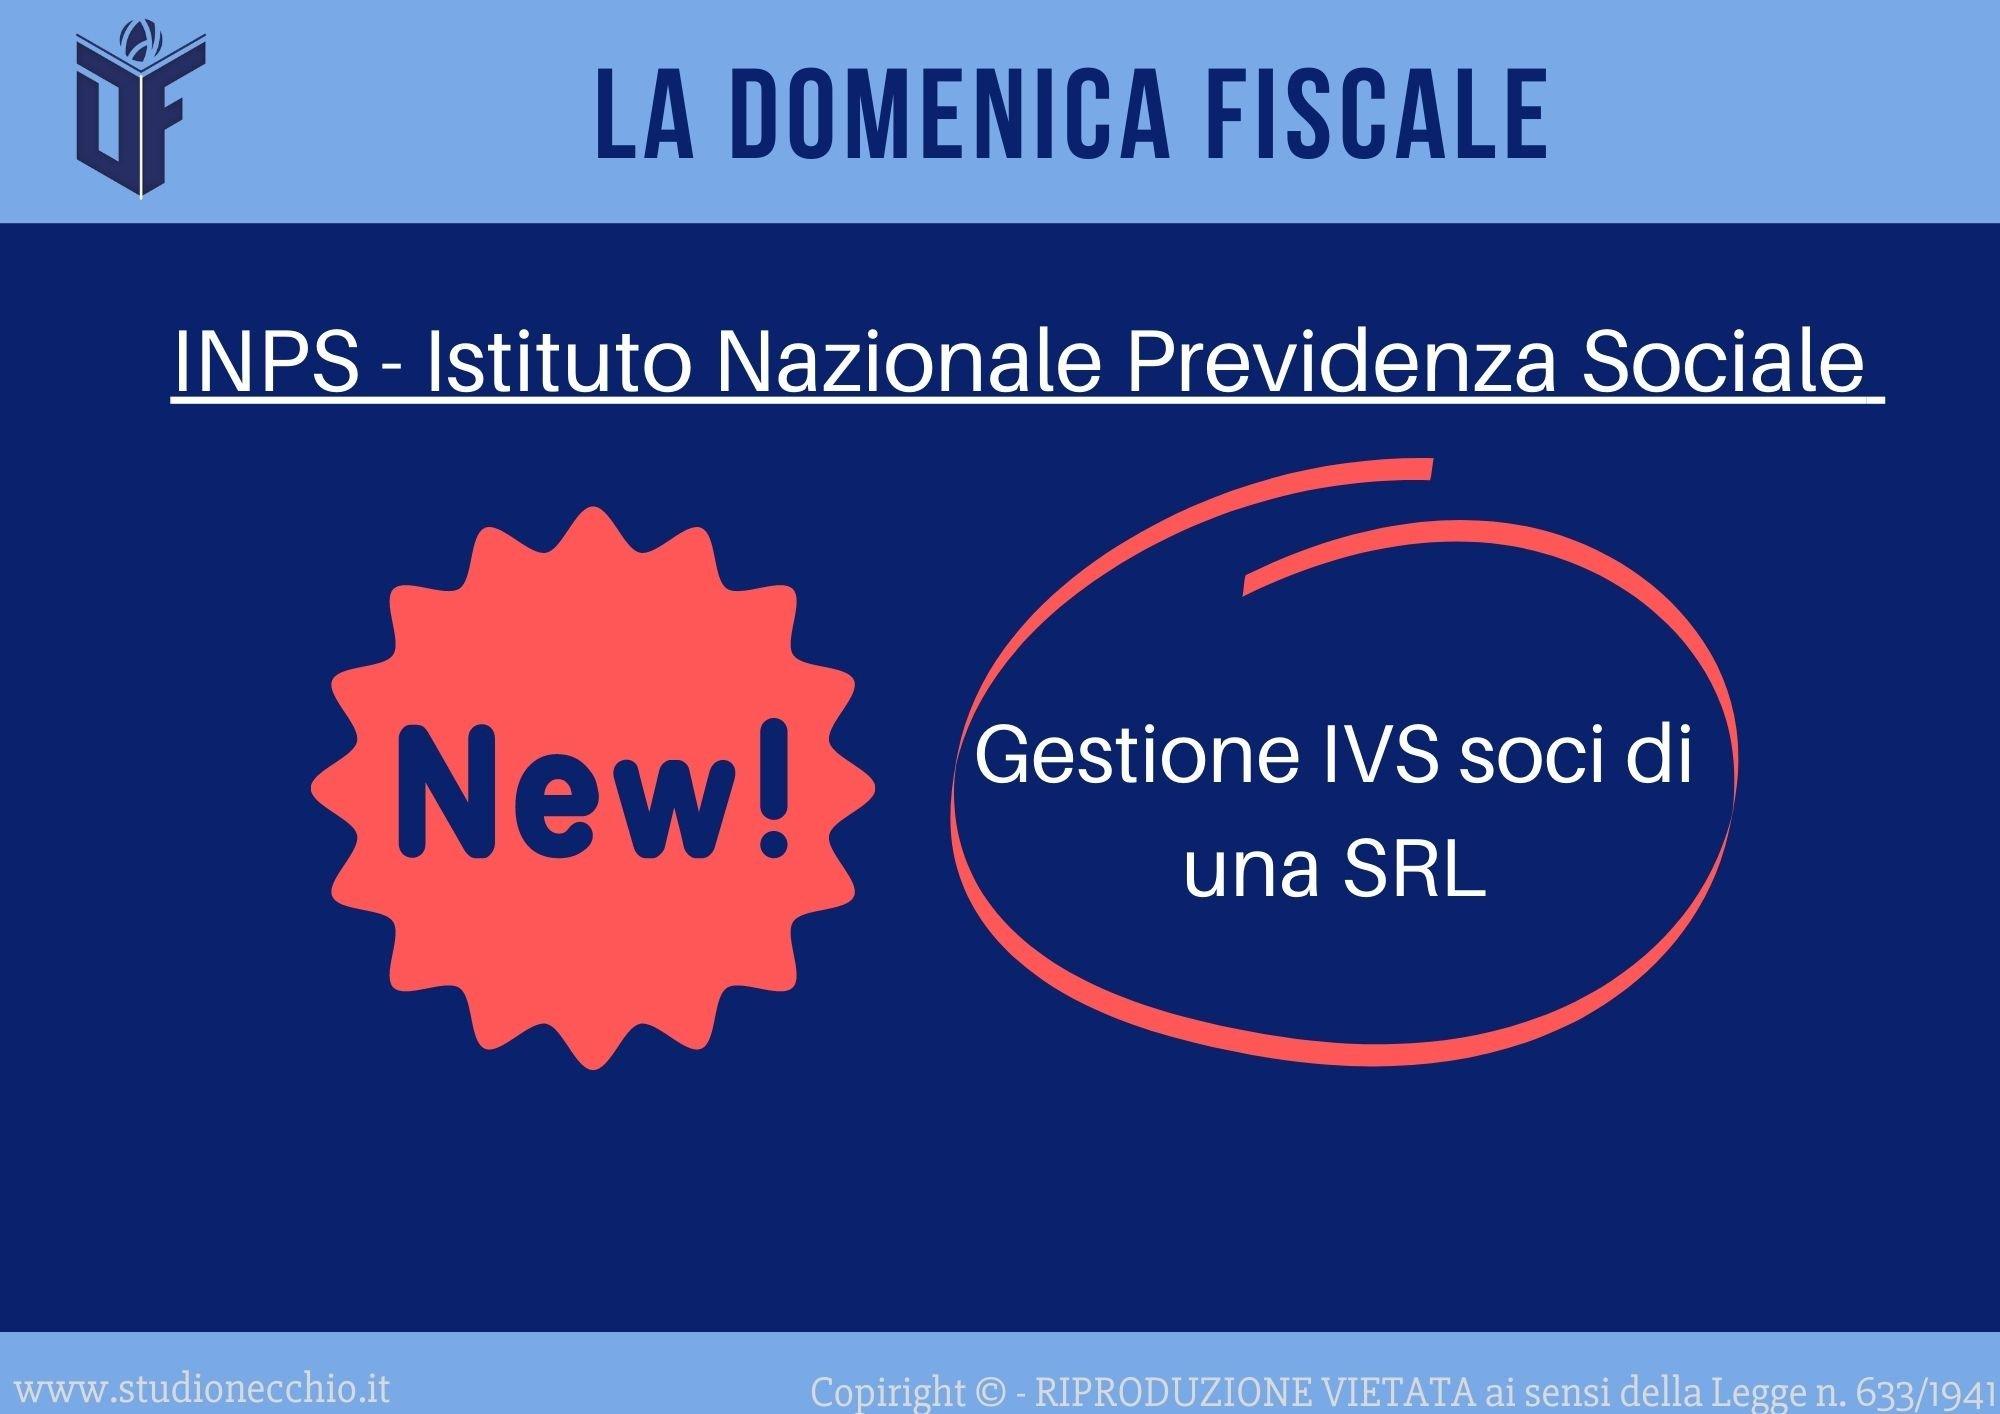 La Domenica Fiscale – Gestione IVS soci di una SRL